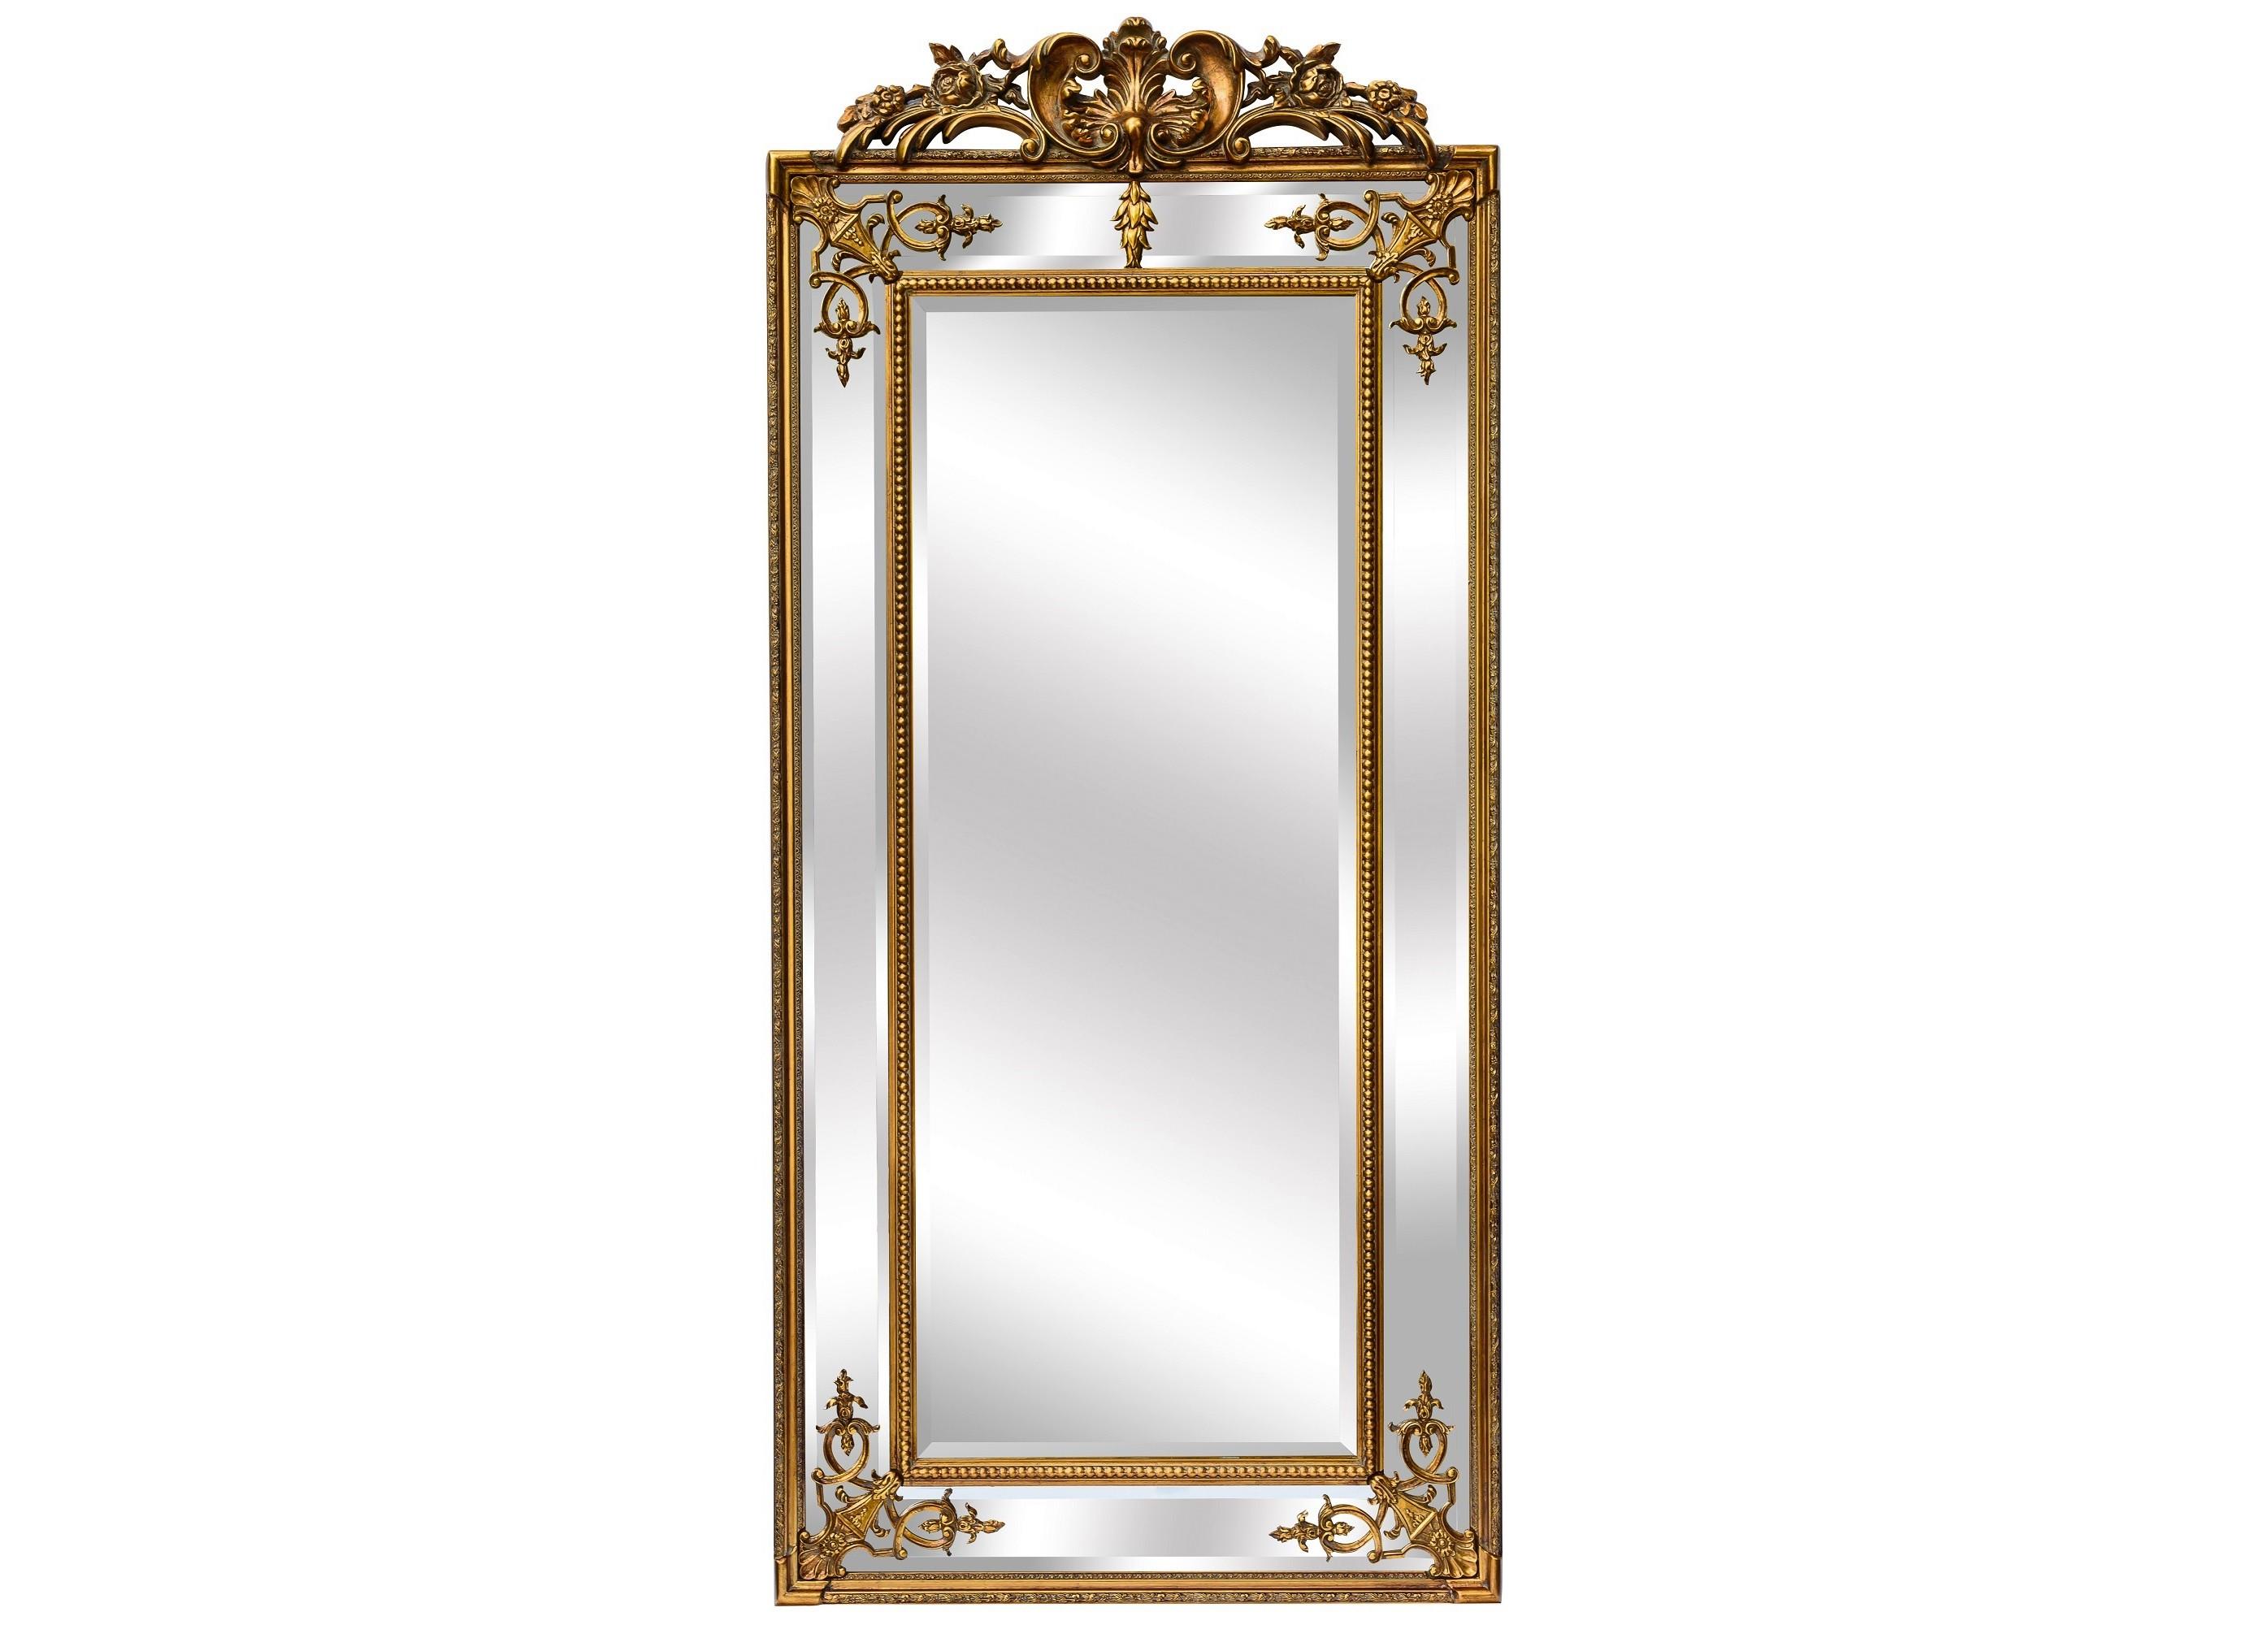 Зеркало Paolo GoldНапольные зеркала<br>&amp;lt;div&amp;gt;Высокое зеркало в спальне – мечта любой женщины. Paolo Gold подстать утонченным натурам с отменным вкусом. Золотистый оттенок с легкой патиной добавляет образу роскоши. Многогранный силуэт подчеркнут двумя багетными рамами. Внутренняя элегантно украшена миниатюрными бусинами, а внешняя - филигранным орнаментом. Возвеличивает композицию массивный узор из лепнины. Модель как нельзя лучше подойдет изысканному французскому интерьеру.&amp;lt;br&amp;gt;&amp;lt;/div&amp;gt;&amp;lt;div&amp;gt;&amp;lt;br&amp;gt;&amp;lt;/div&amp;gt;Цвет: Античное золото<br><br>Material: Дерево<br>Length см: None<br>Width см: 92.0<br>Depth см: None<br>Height см: 200<br>Diameter см: None